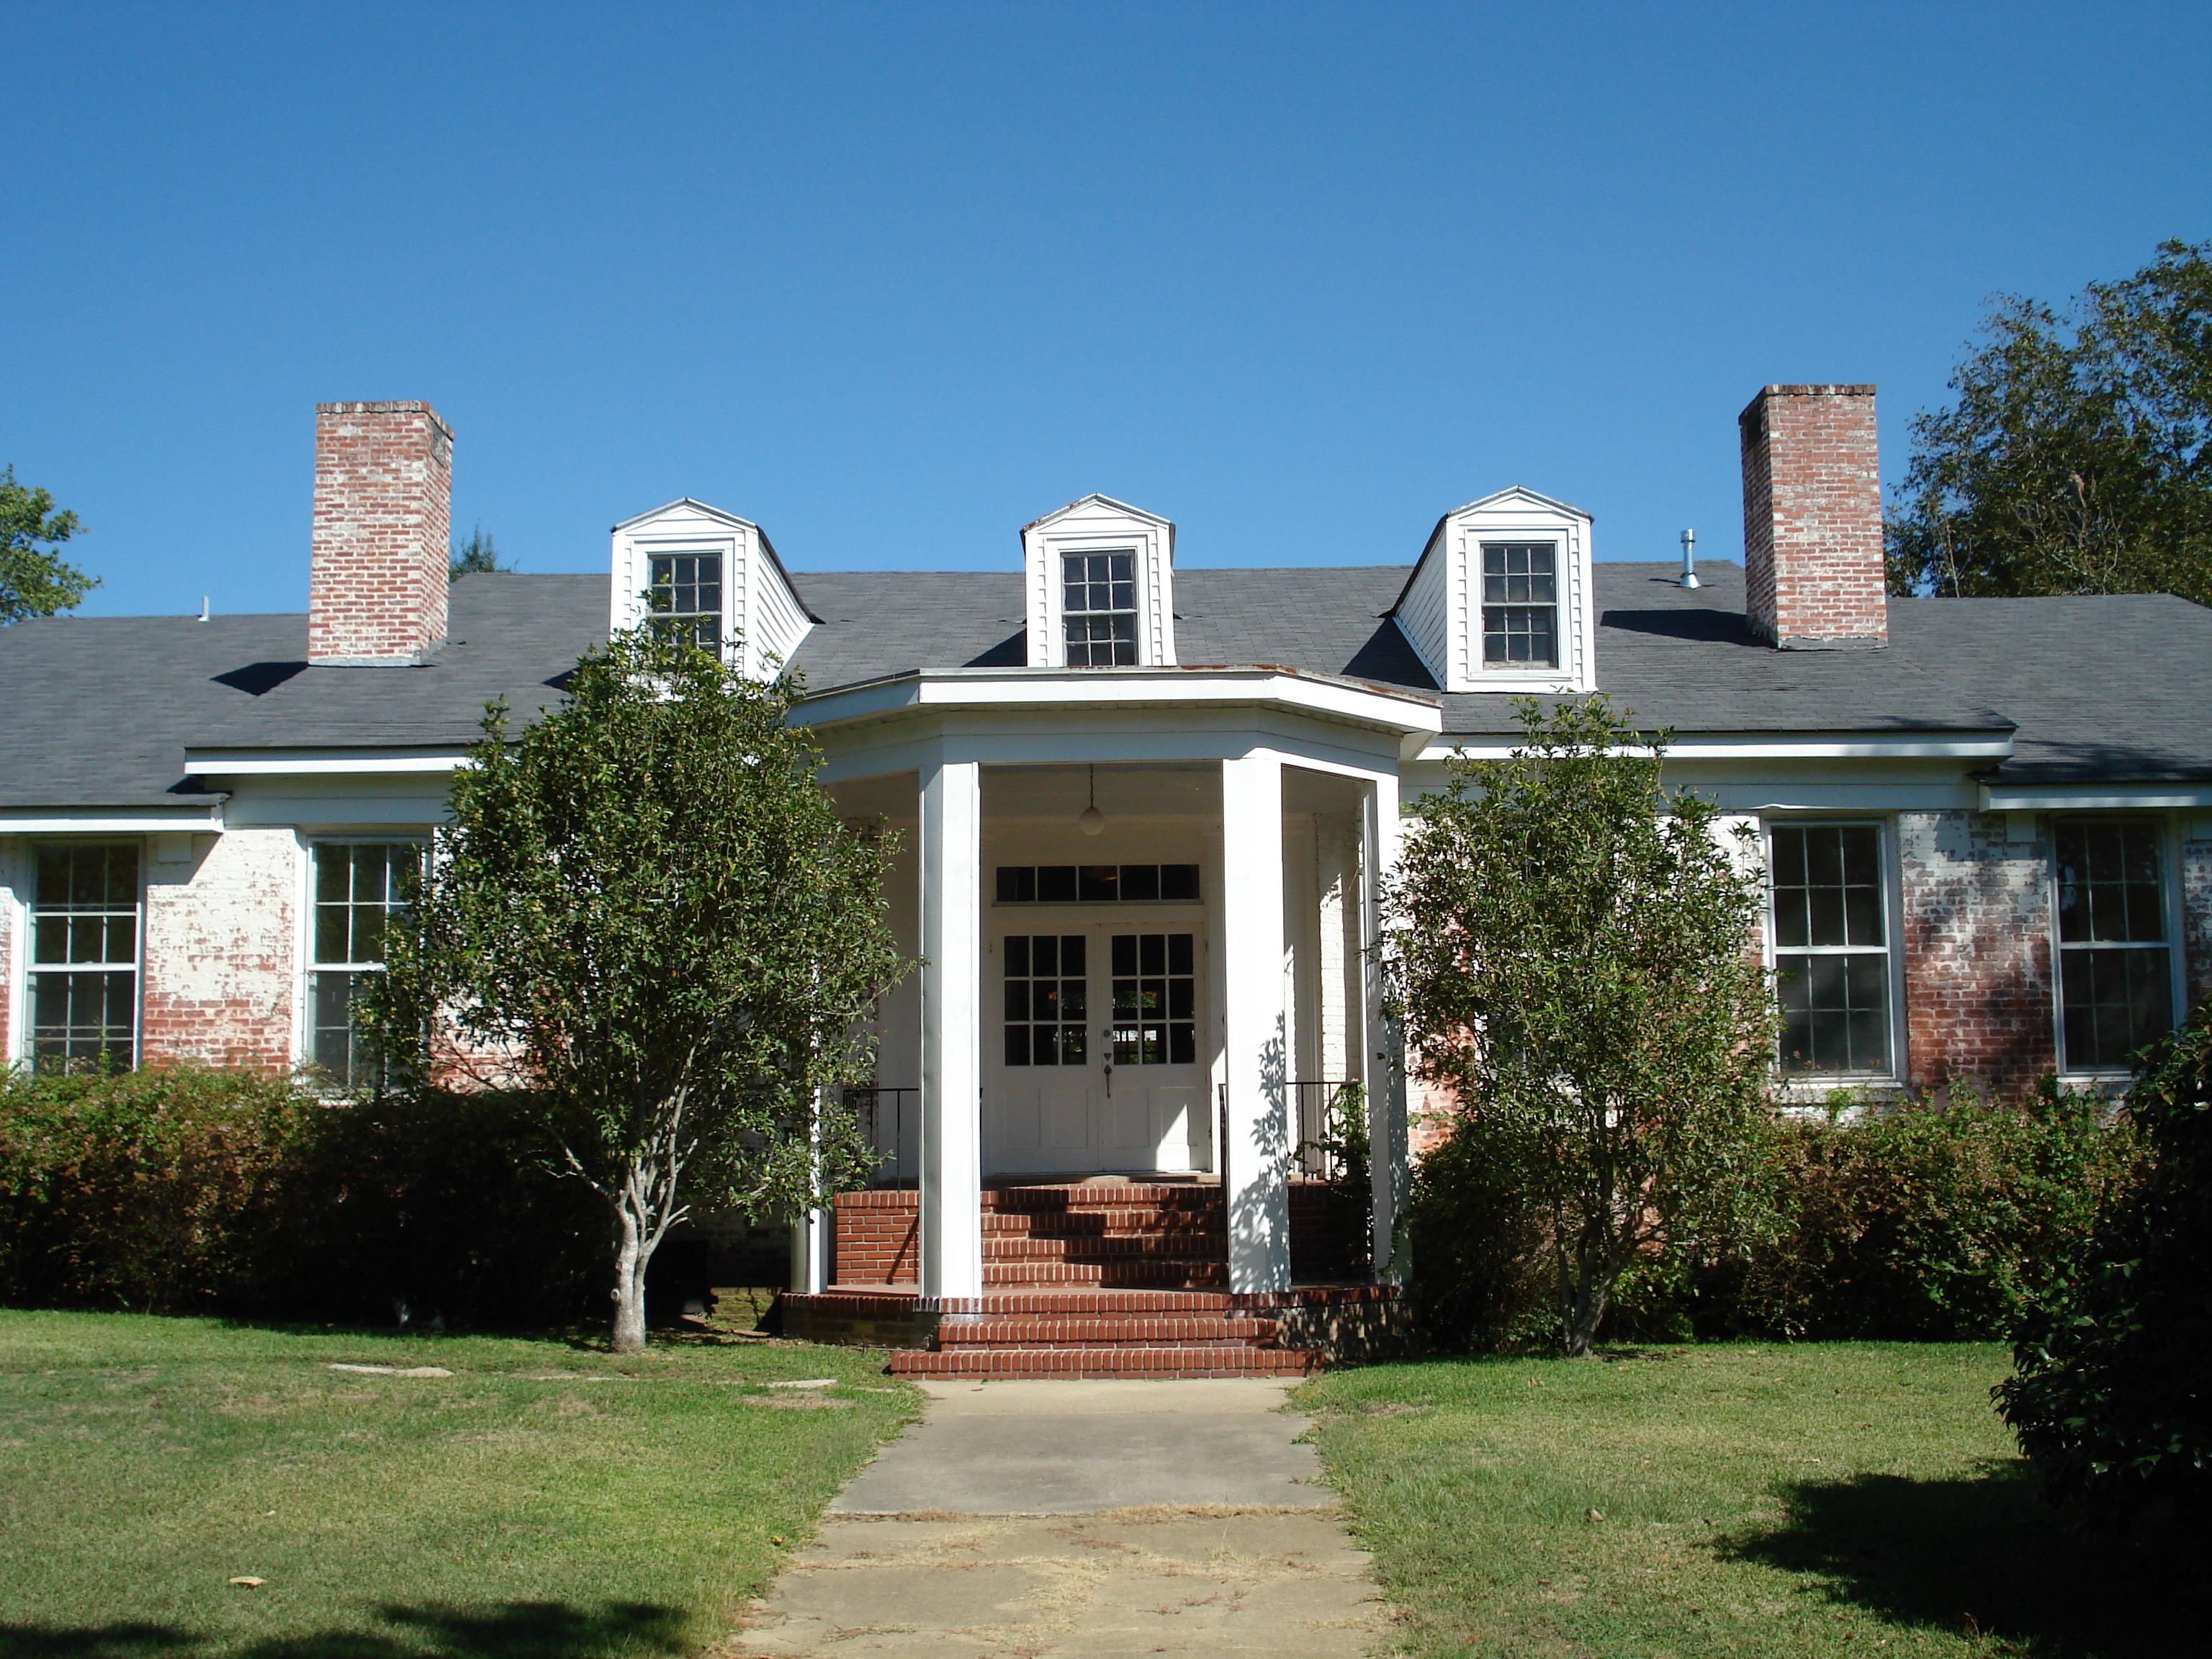 Mansfield Female College Museum - DeSoto Parish